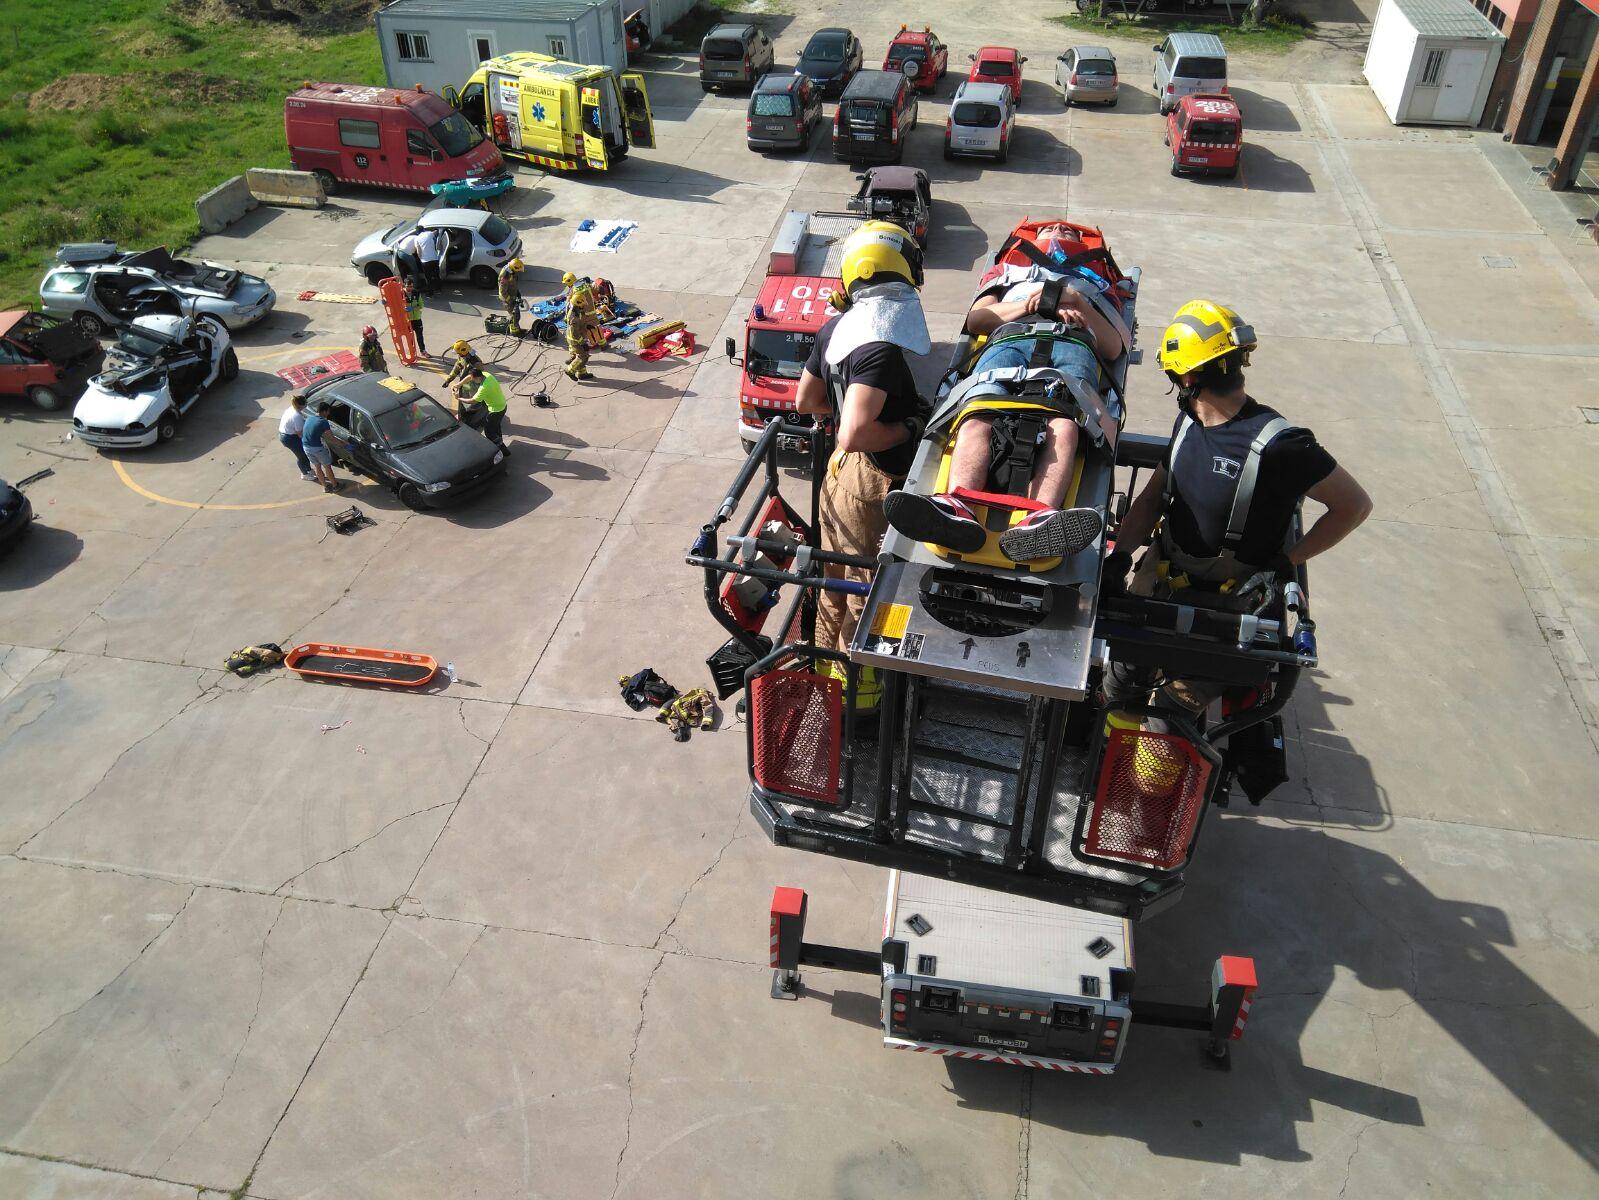 Els alumnes de 2n curs del cicle de Tècnic en Emergències Sanitàries del Centre Garbí realitzen un exercici de salvament i rescat en el Parc de Bombers de Girona